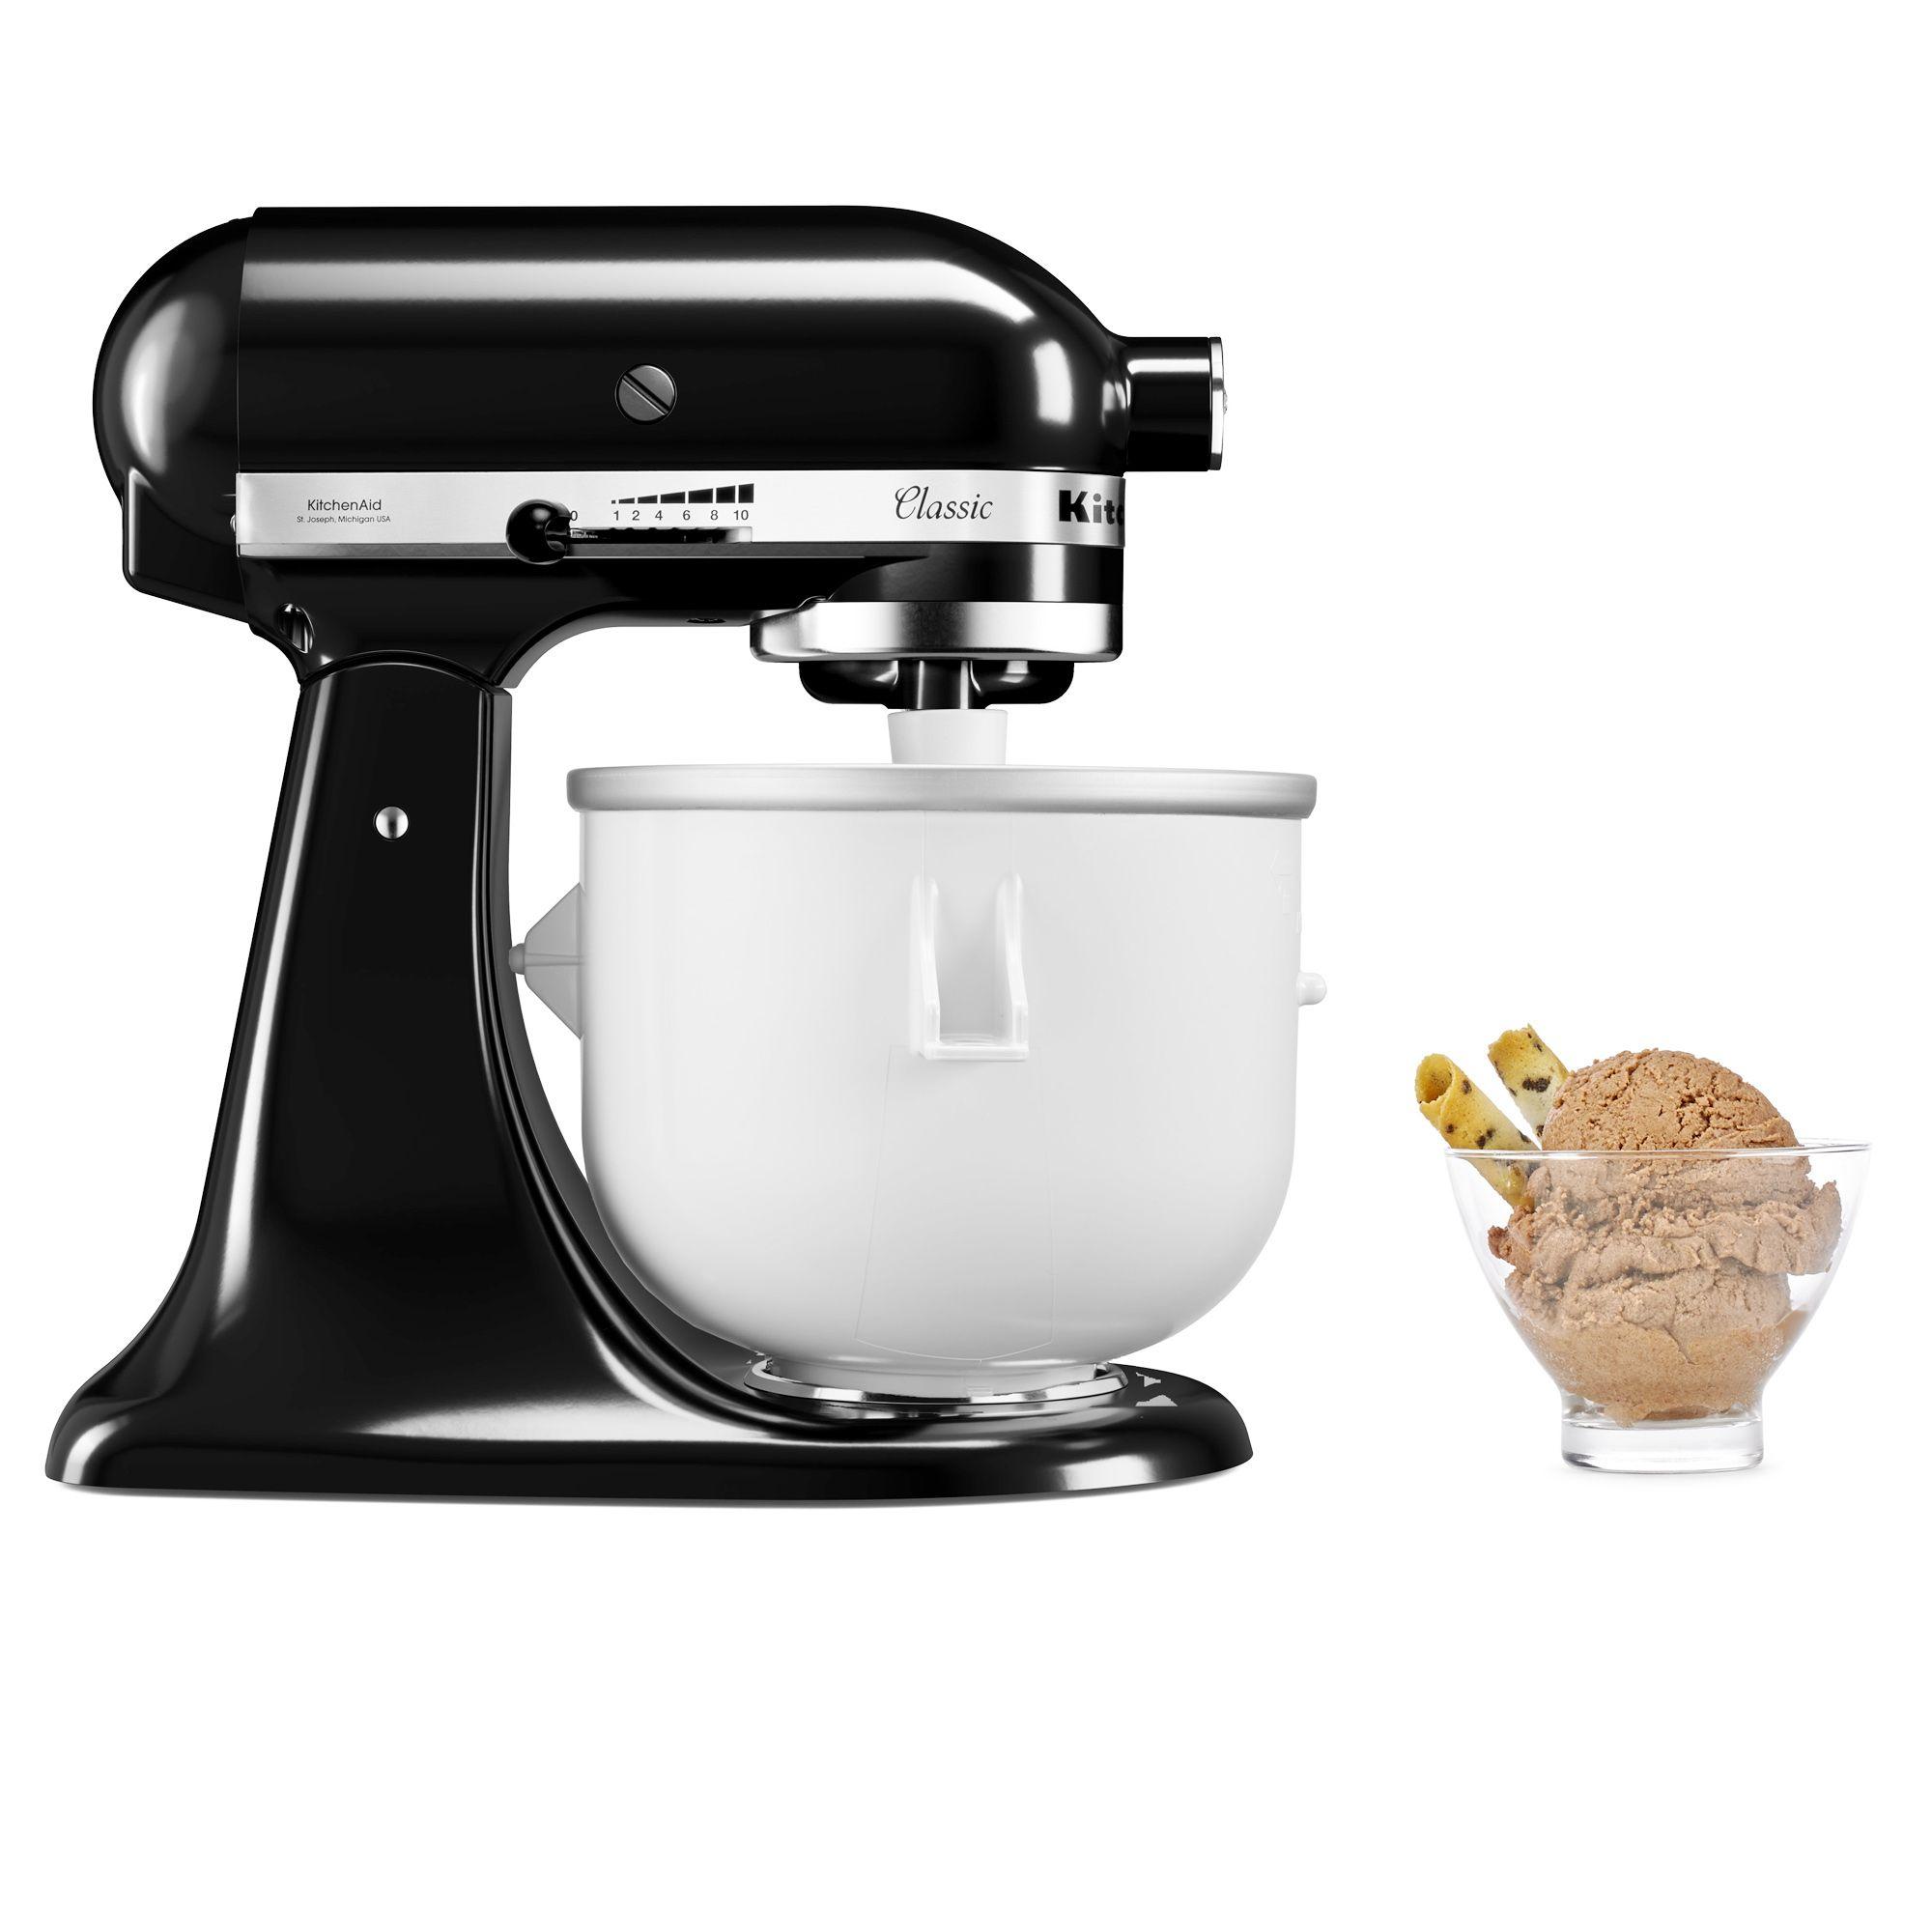 Kitchenaid accessorio per gelato con cestello refrigerante qvc italia - Qvc marchi cucina ...